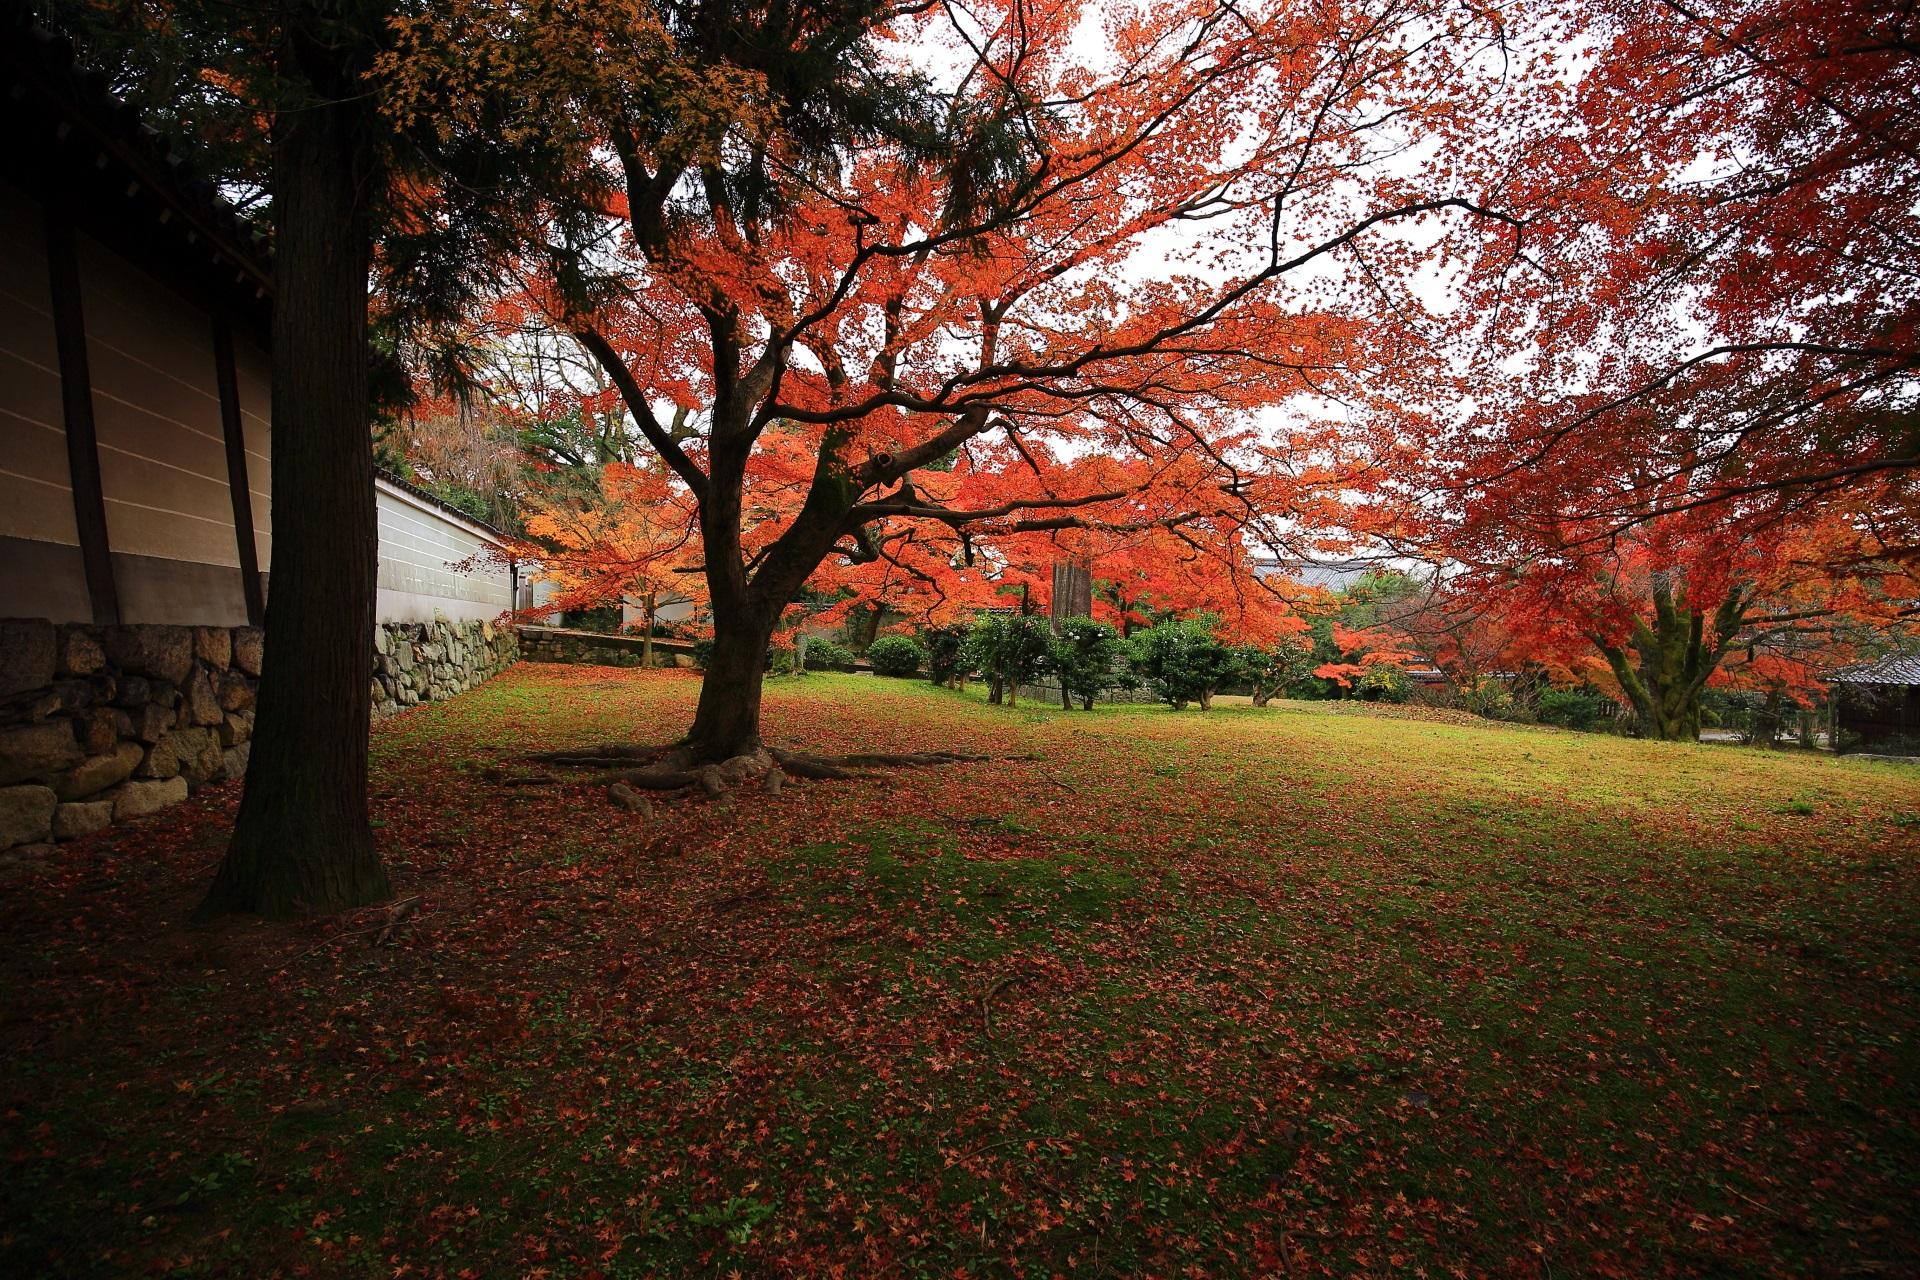 勅使門前の紅葉と散りもみじの秋色の空間